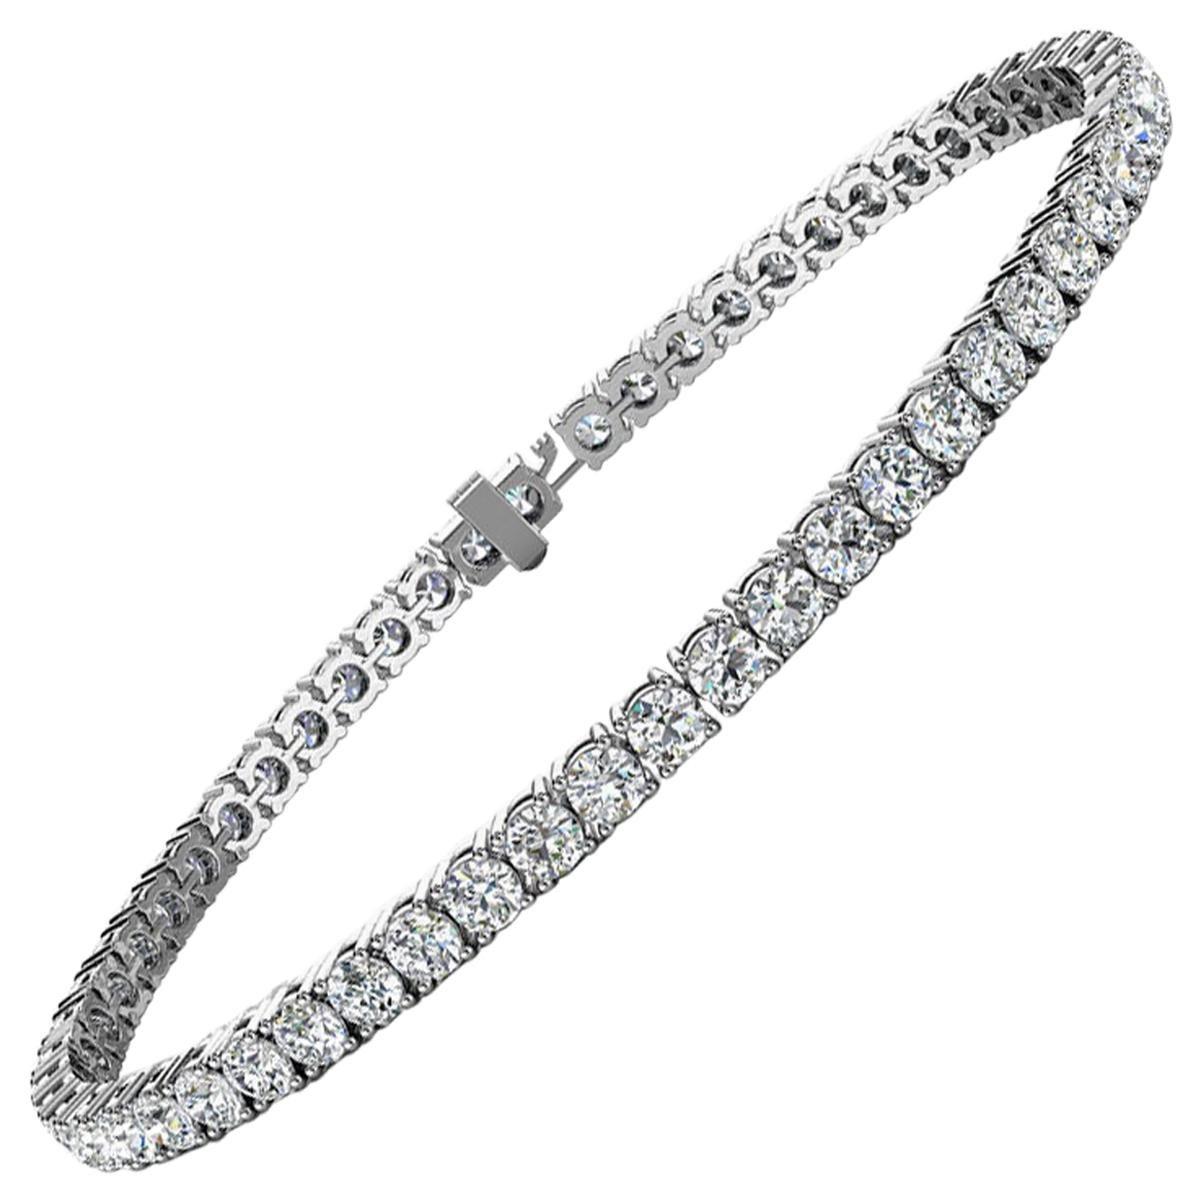 14k White Gold Four Prongs Diamond Tennis Bracelet '8 Ct. tw'